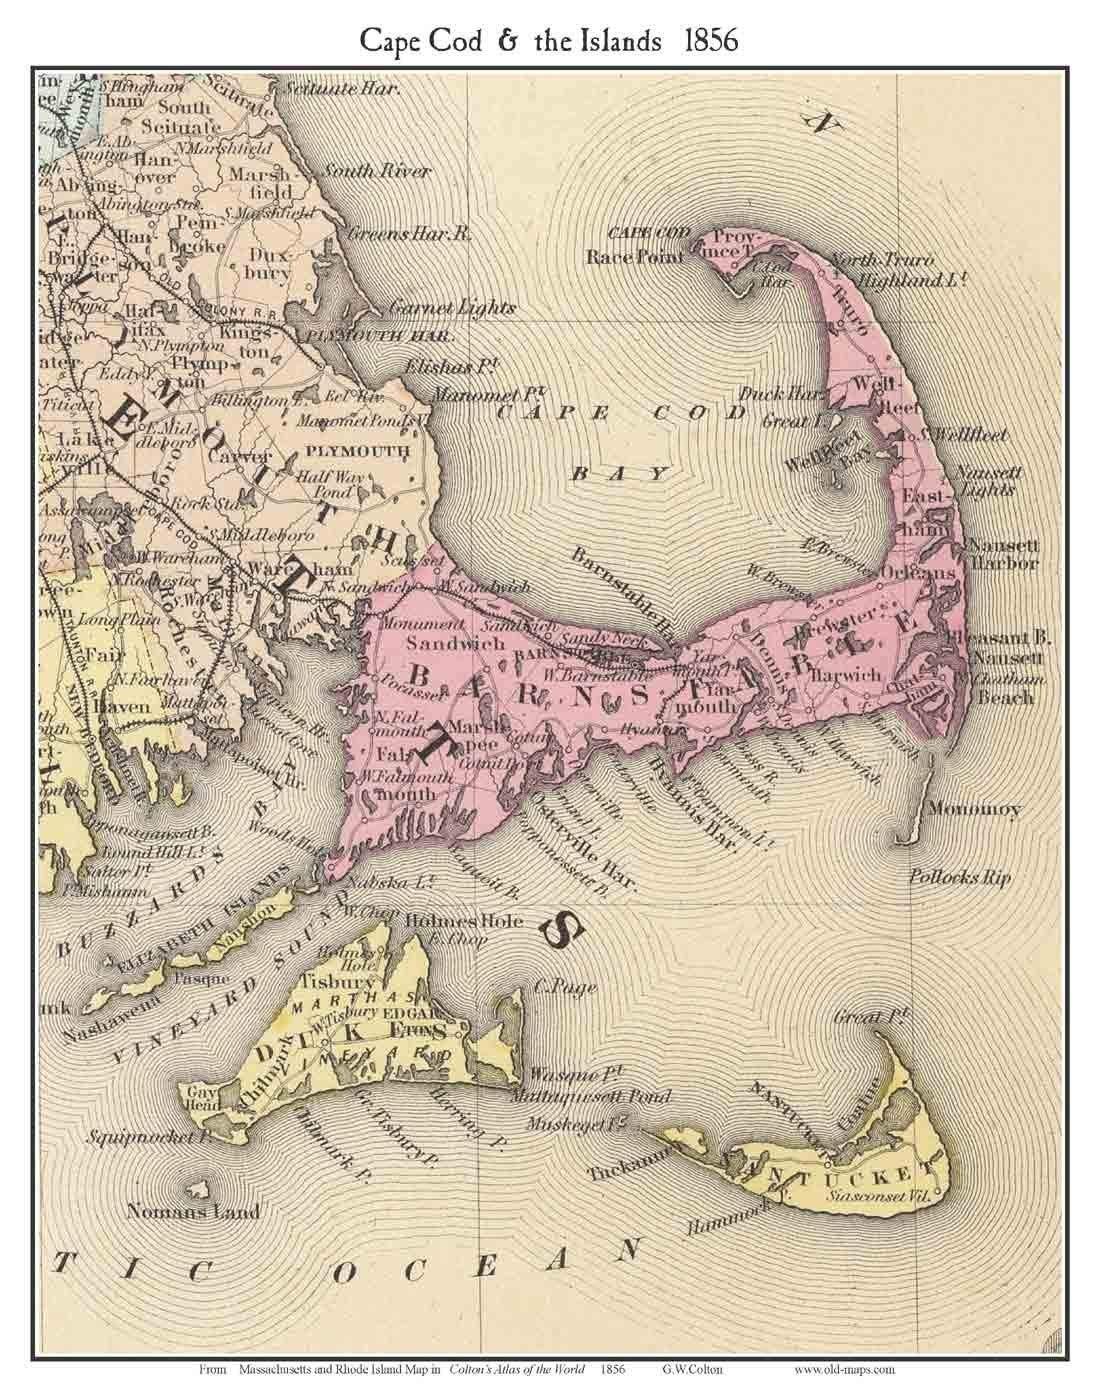 Amazon com: Cape Cod & the Islands 1856 - Colton - Reprint